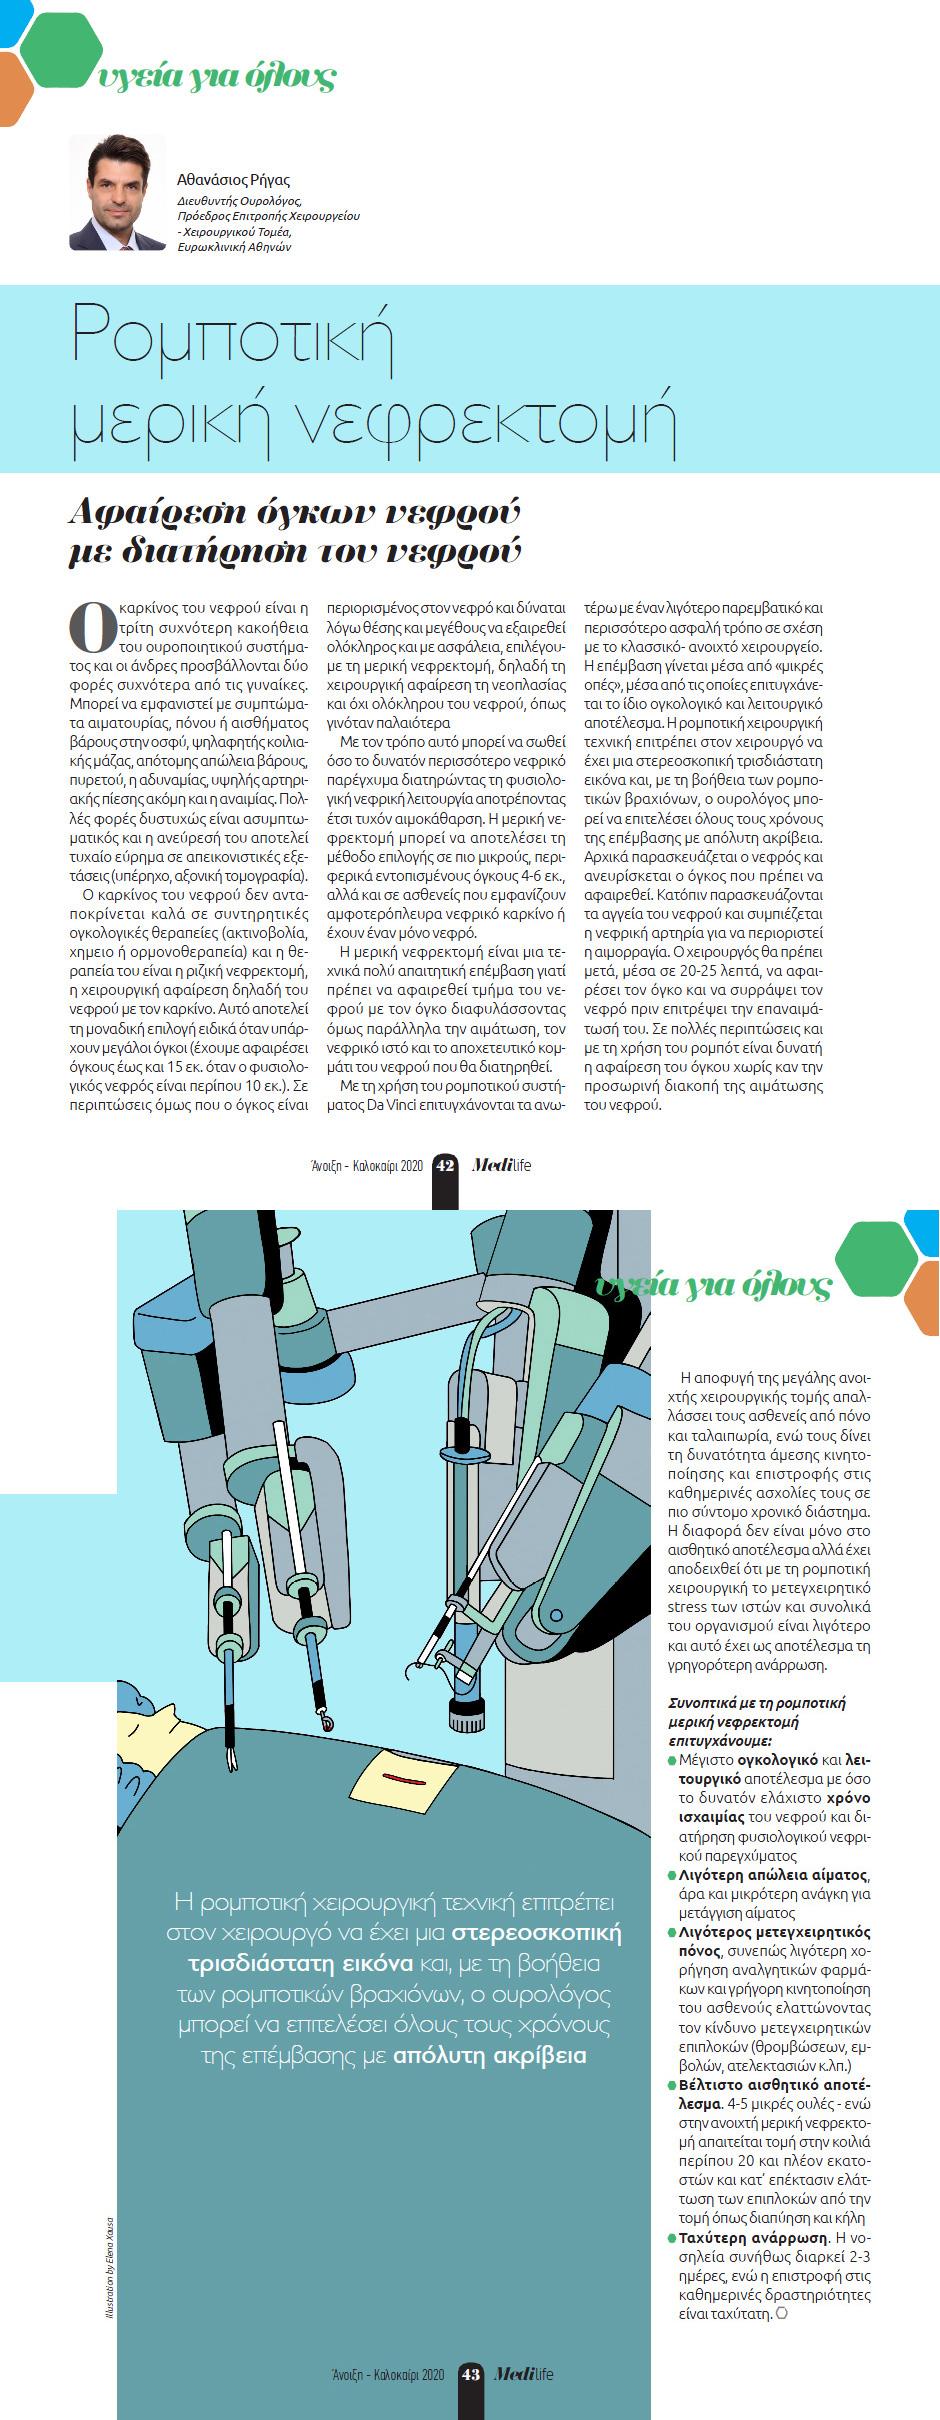 Ρομποτική μερική νεφρεκτομή